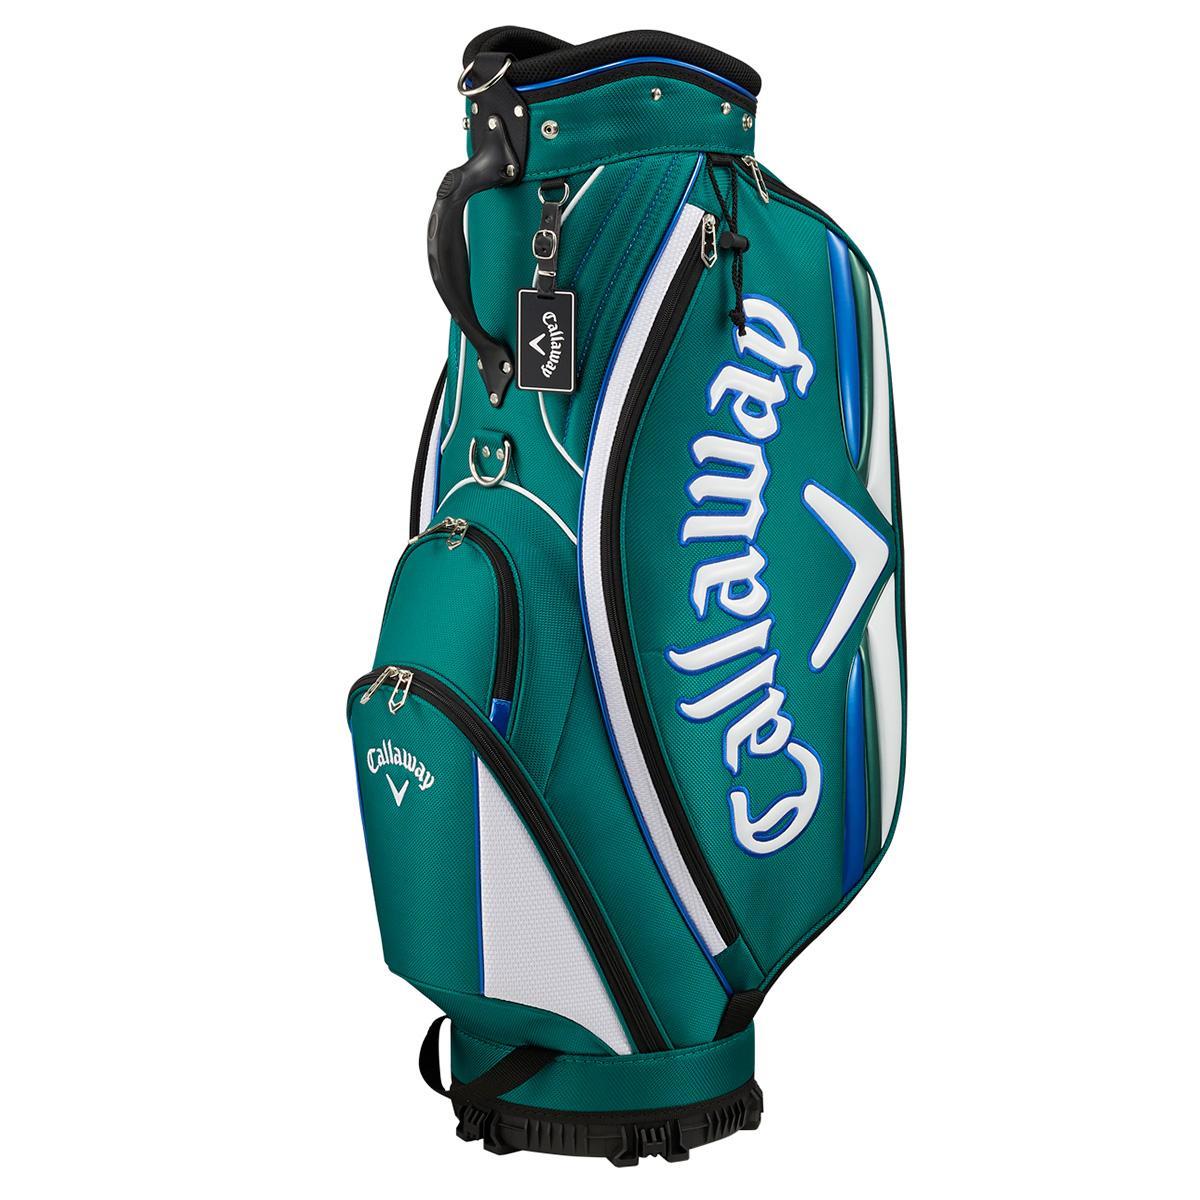 キャロウェイゴルフ Callaway Golf SPORT JM キャディバッグ